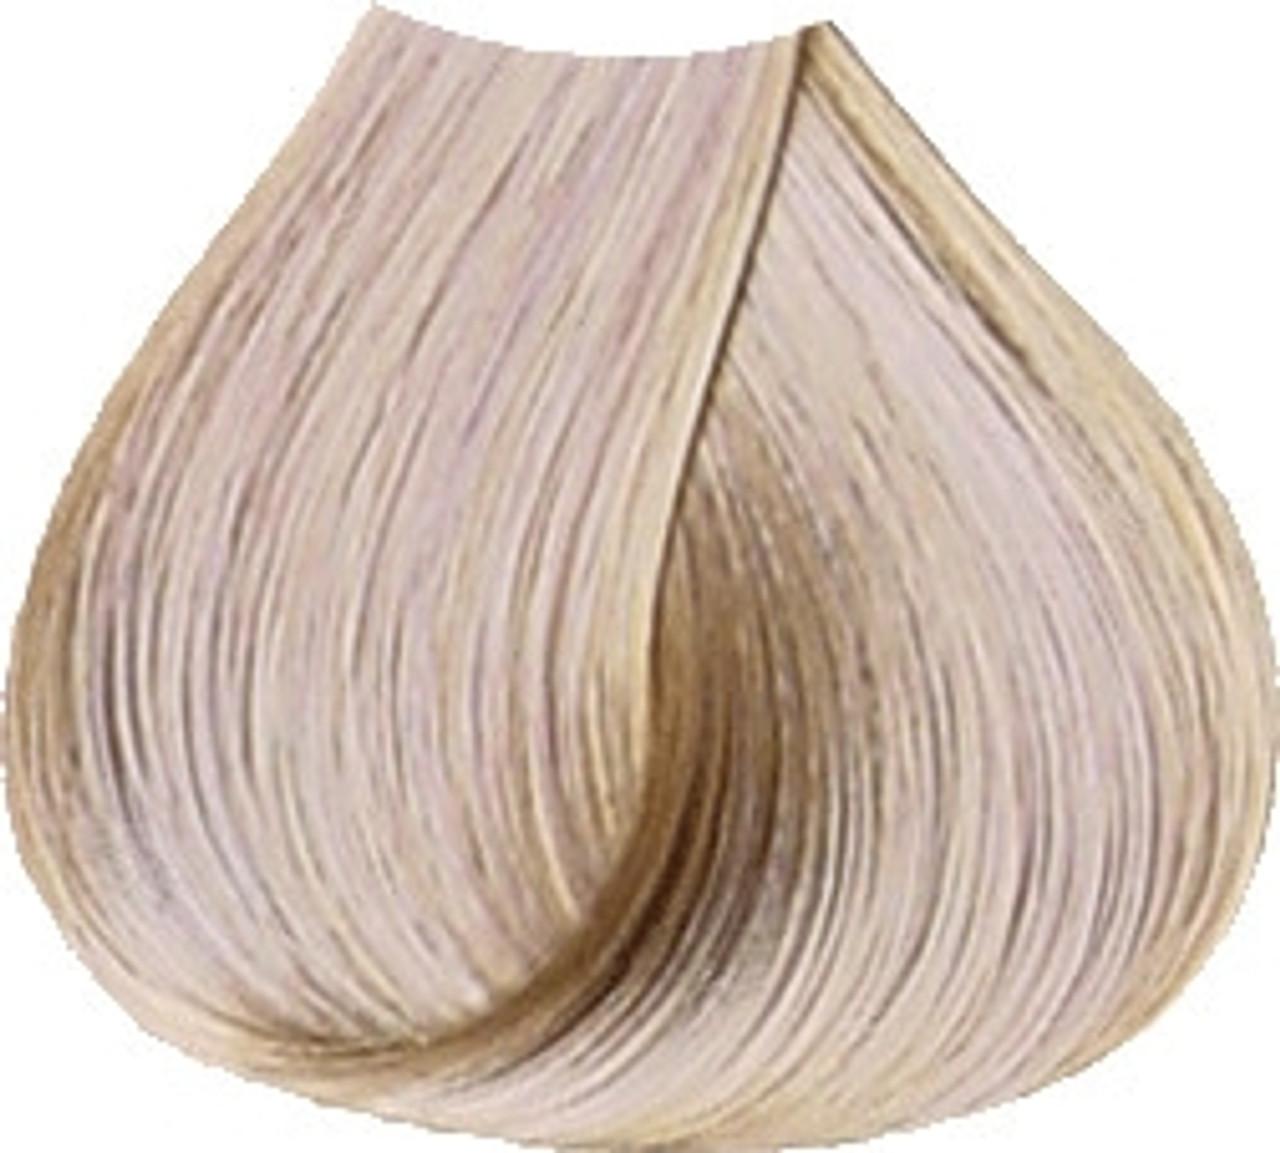 Satin Hair Color - Ash - 8A Light Ash Blonde